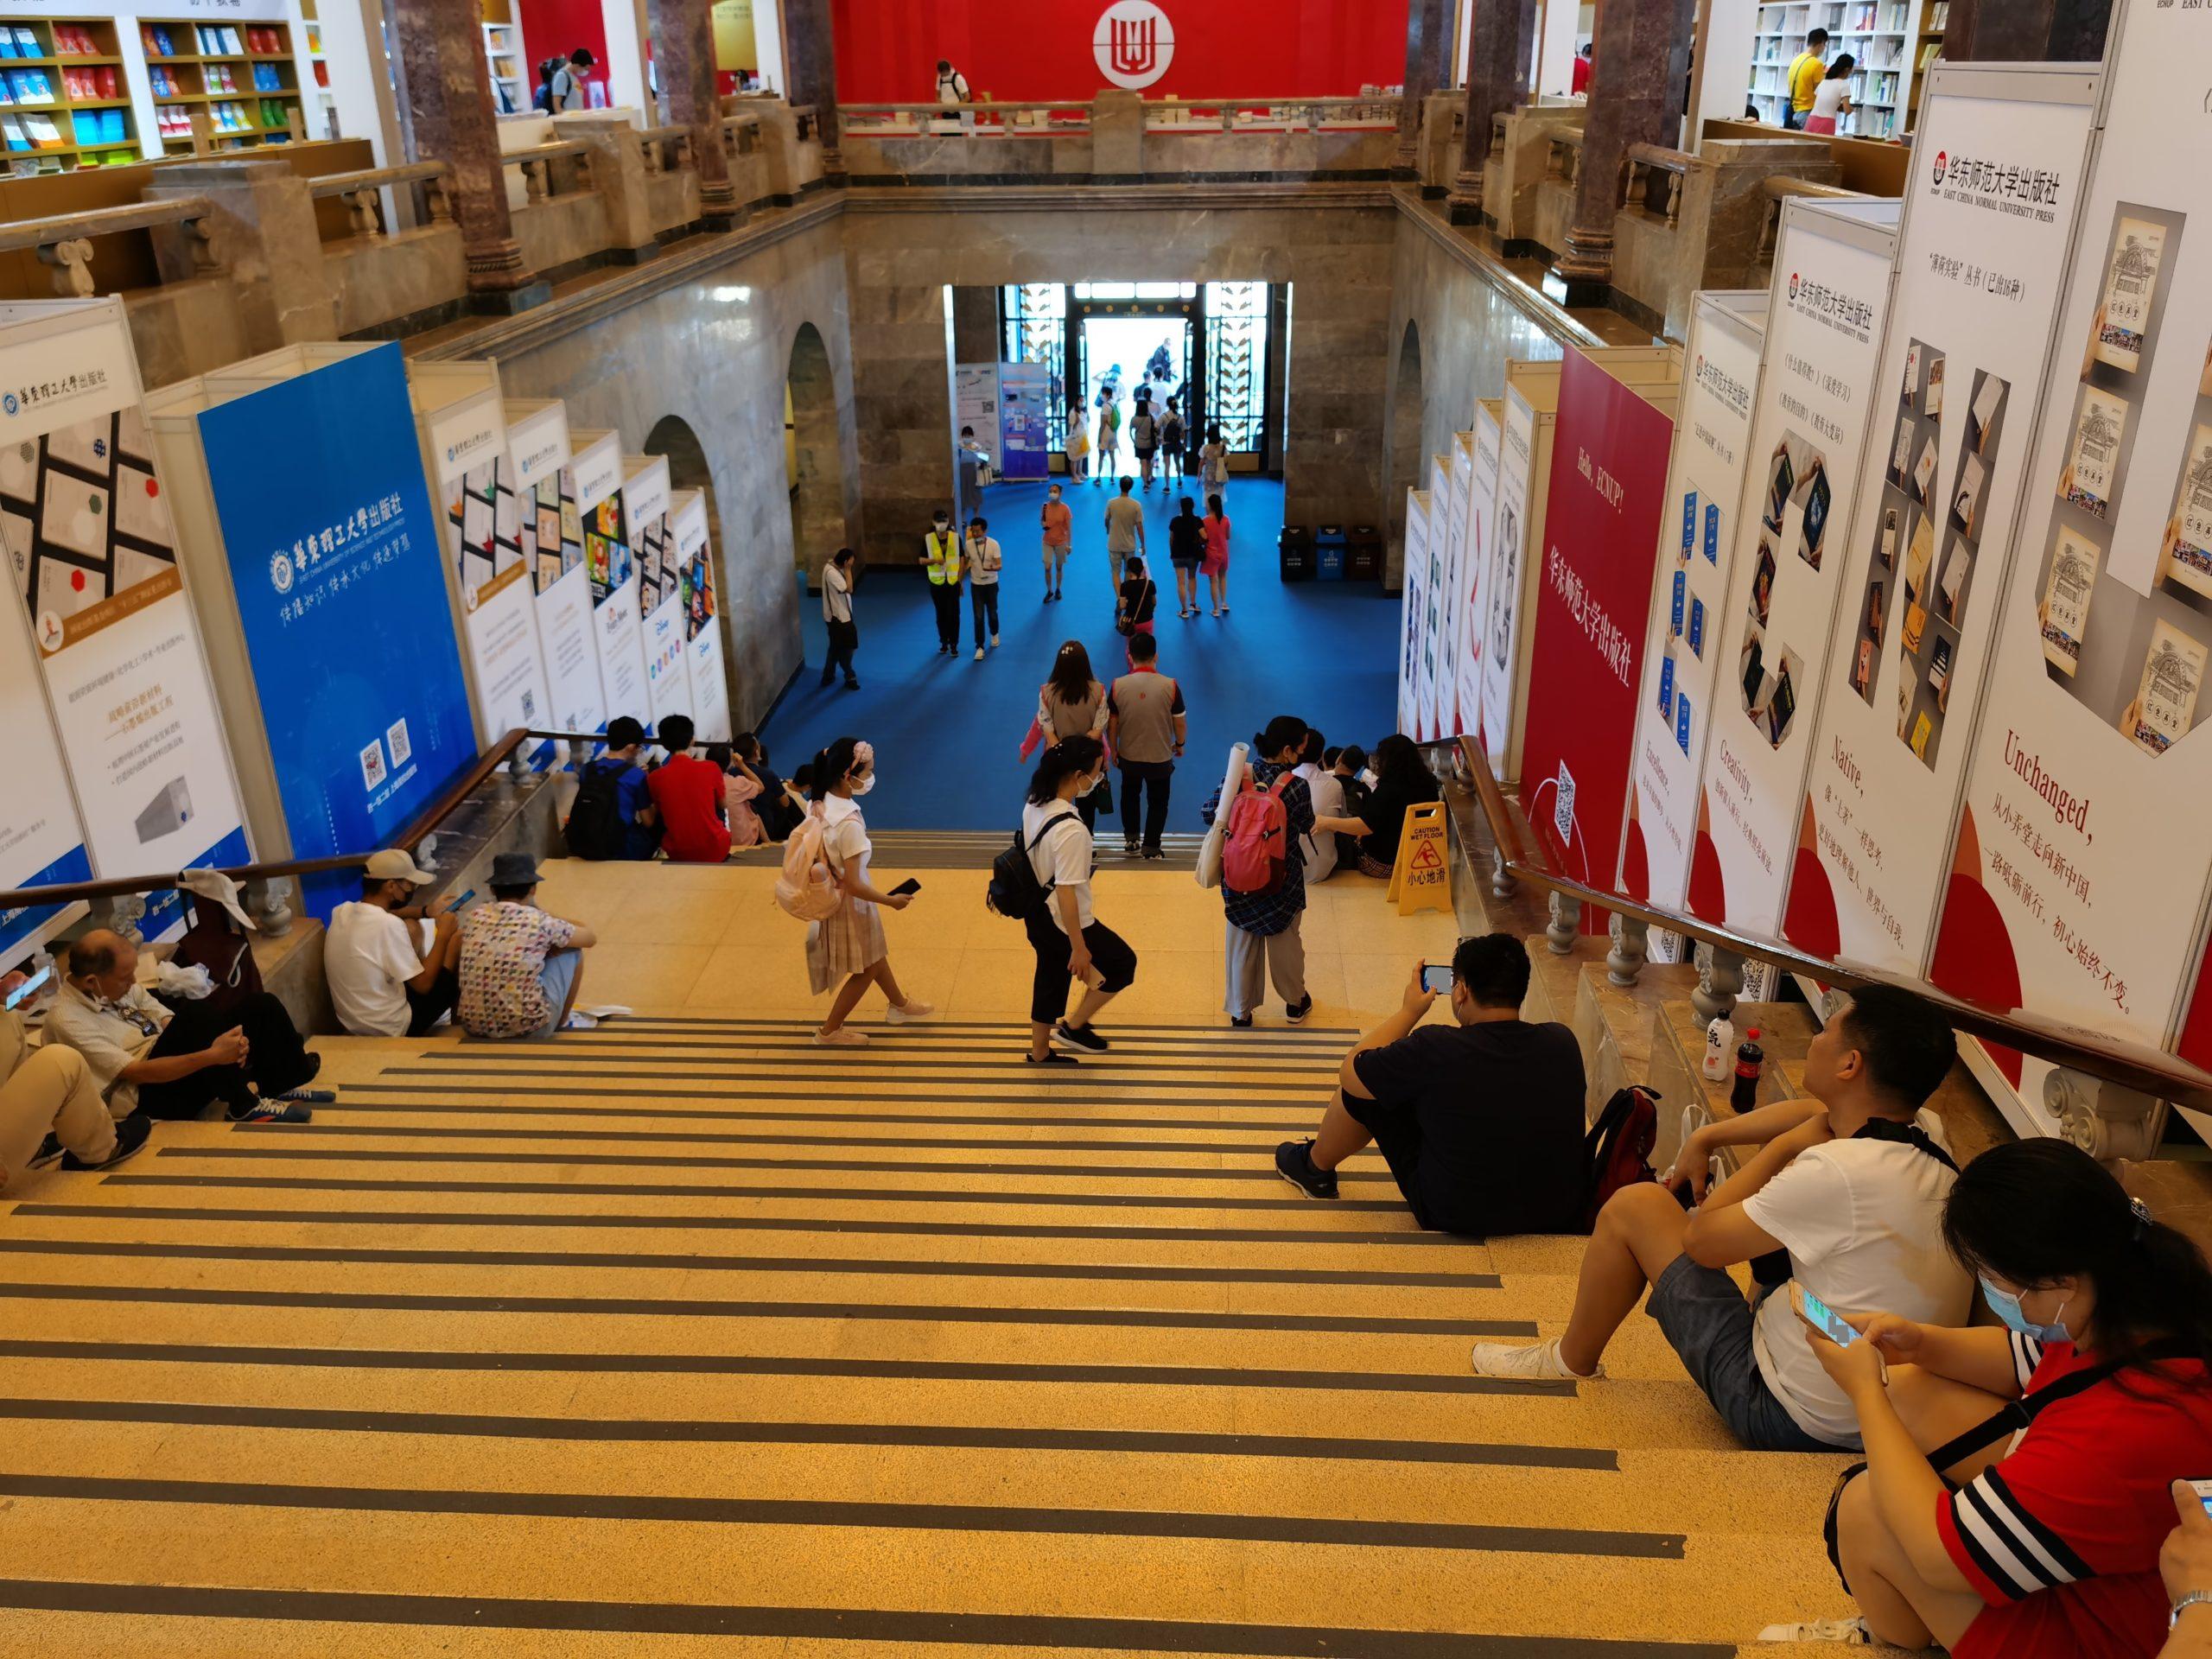 读者在展览馆的楼梯上小憩